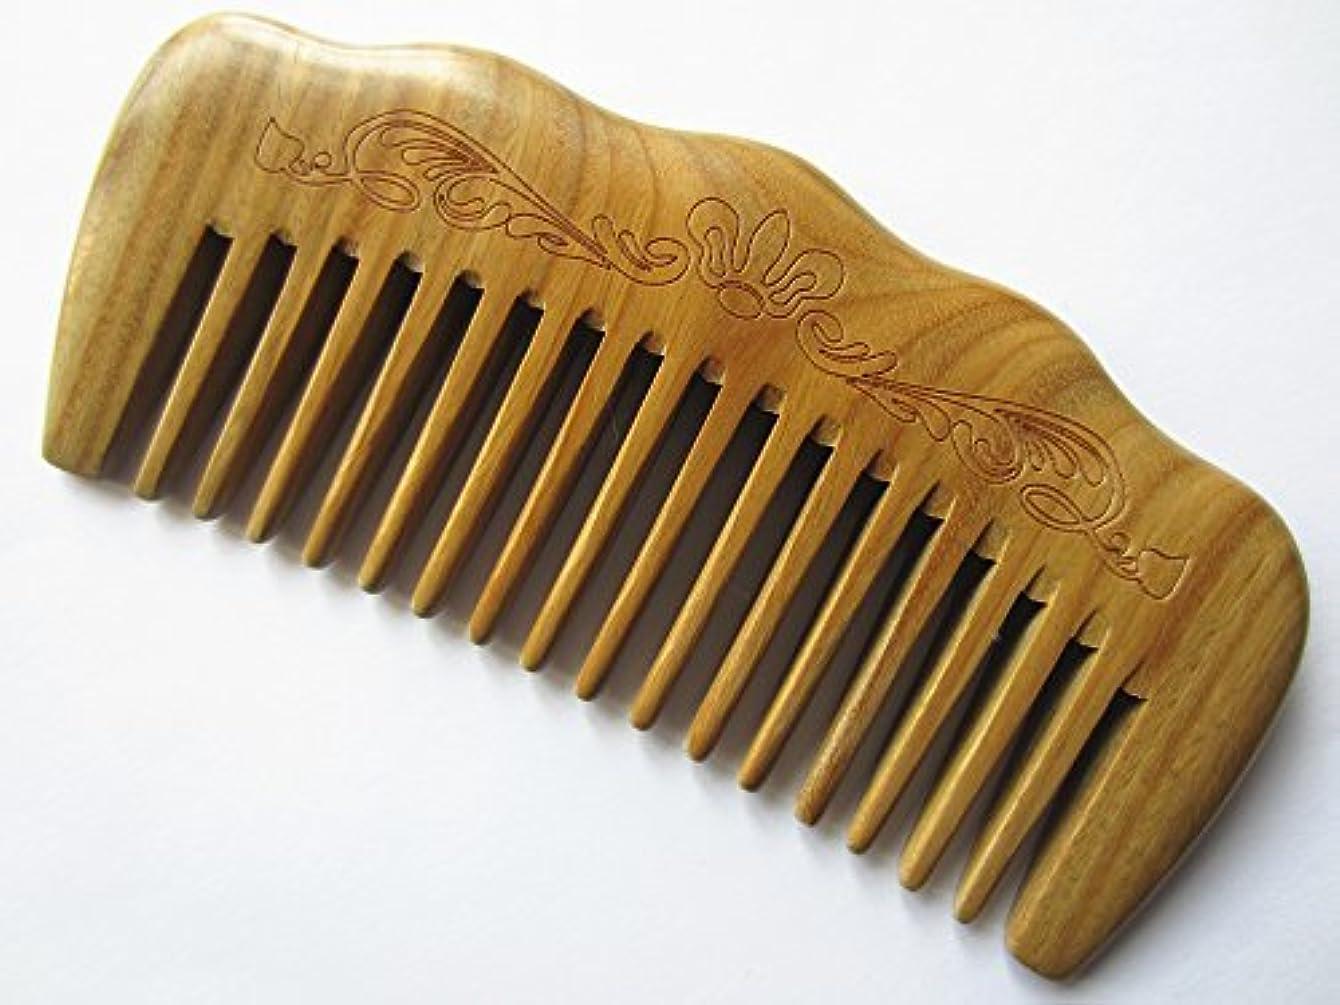 メジャー上流の上記の頭と肩Myhsmooth Gs-by-mt Wide Tooth Wood Handmade Natural Green Sandalwood No Static Comb with Aromatic Scent for Detangling Curly Hair and Gift (4.9